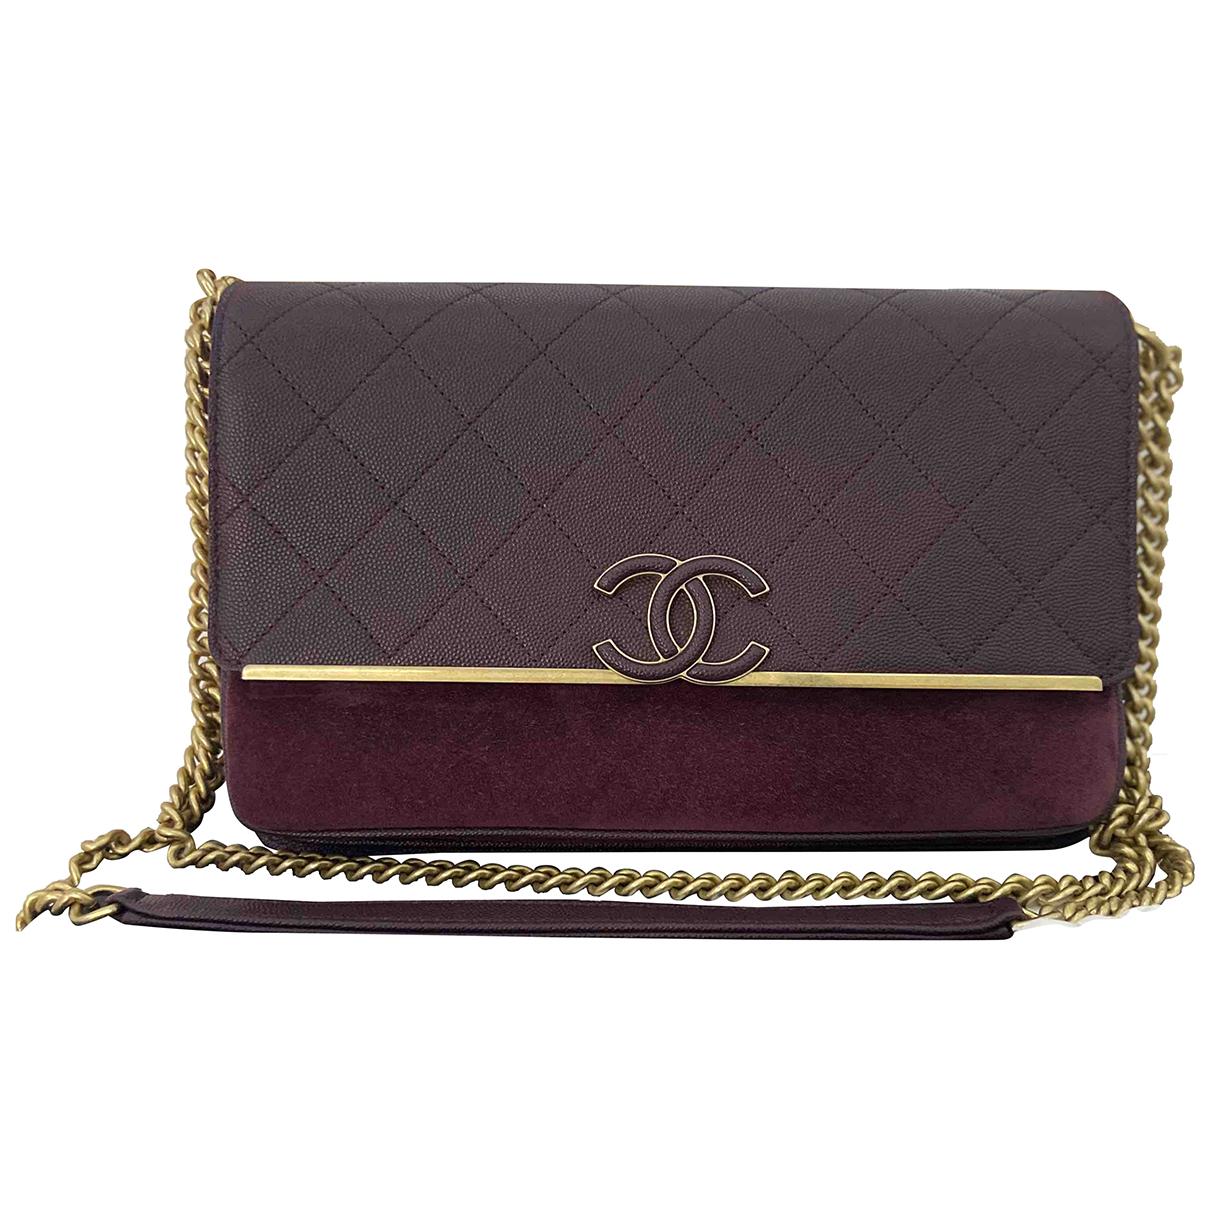 Bandolera Coco Luxe de Cuero Chanel